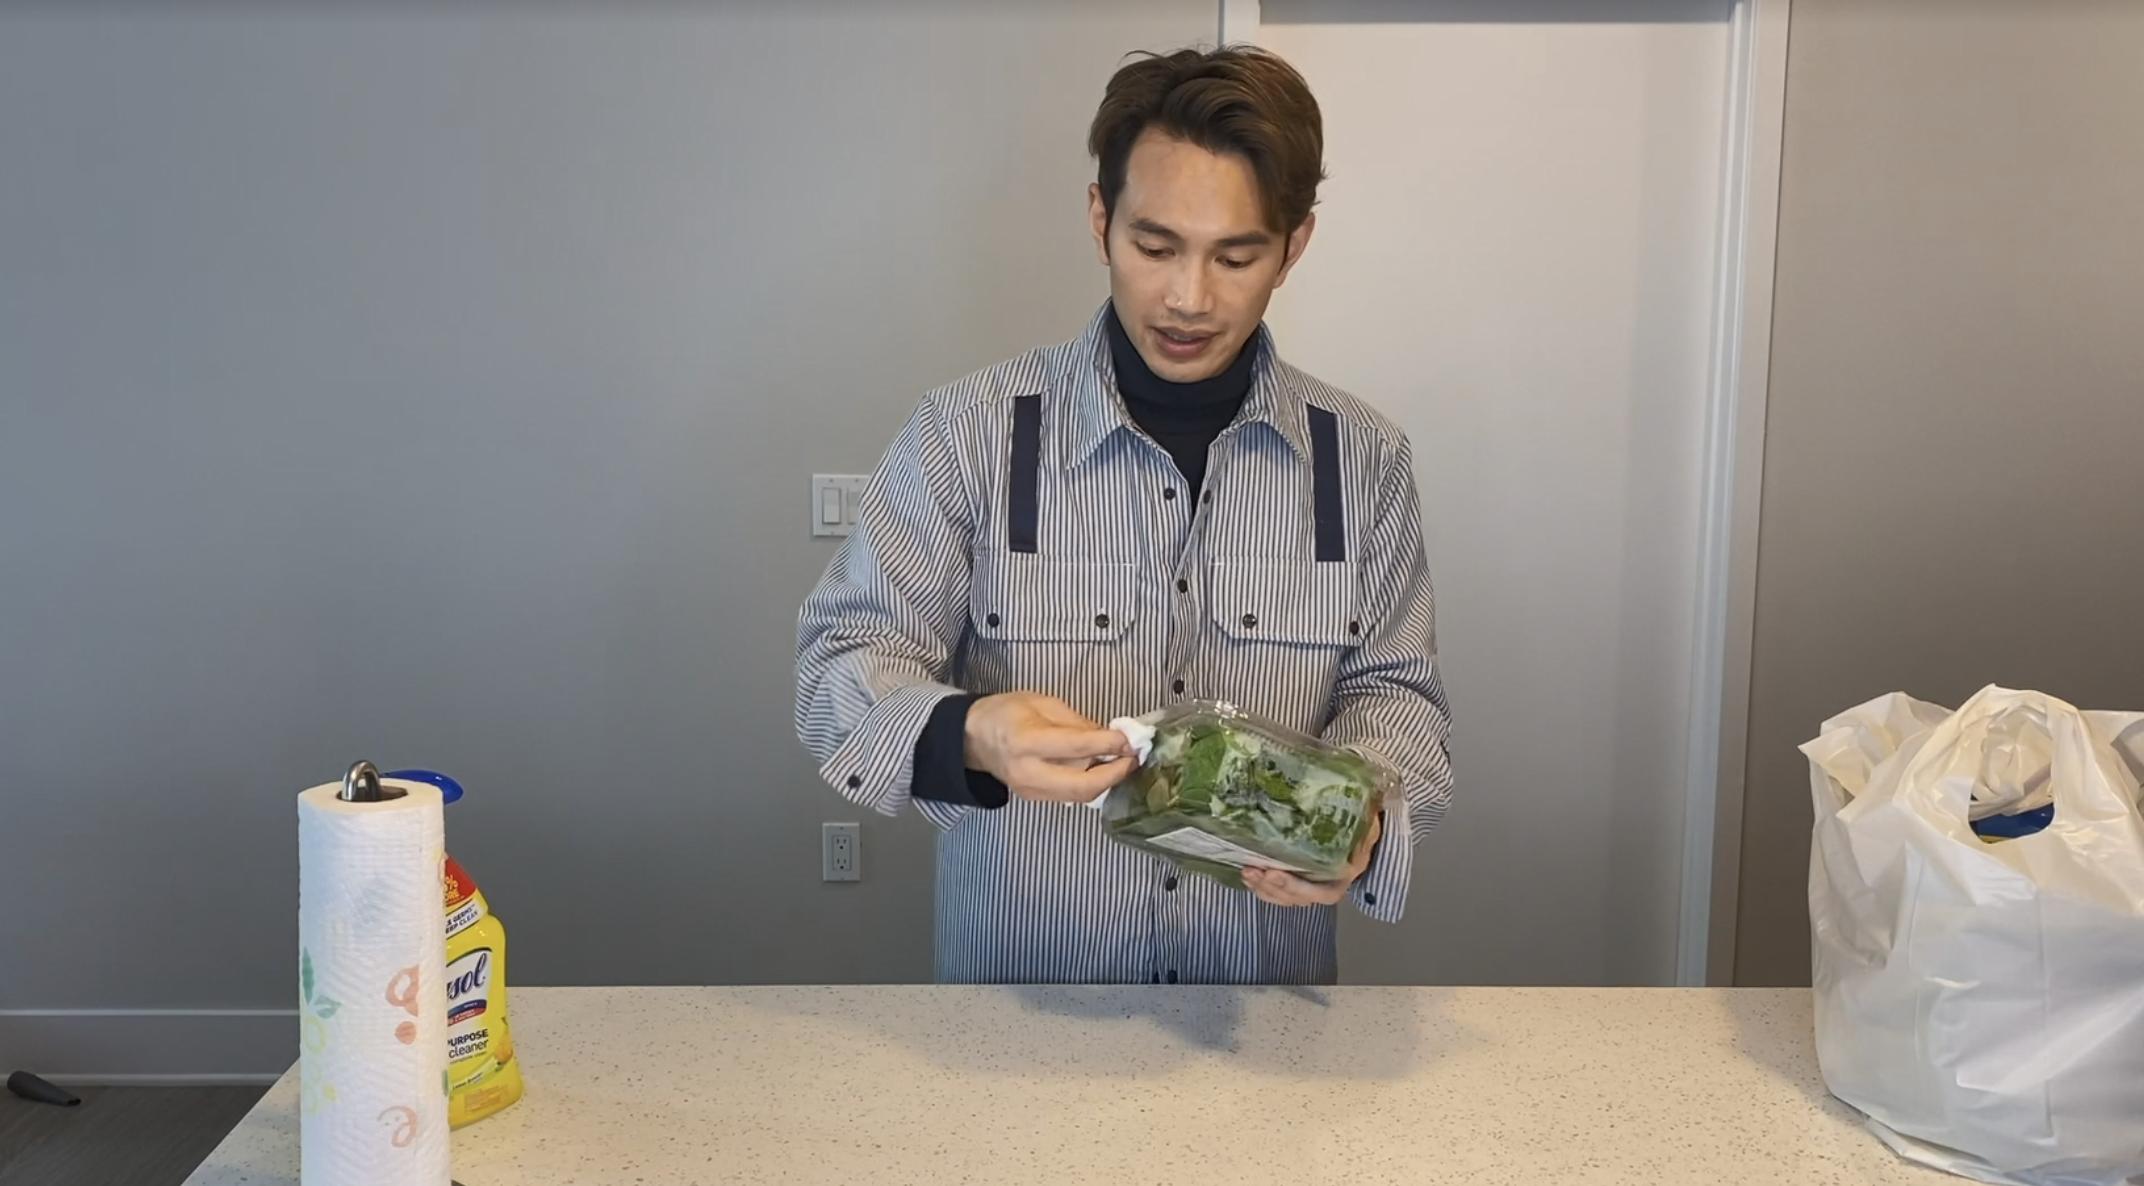 Jonathan用清潔劑擦拭食物包裝